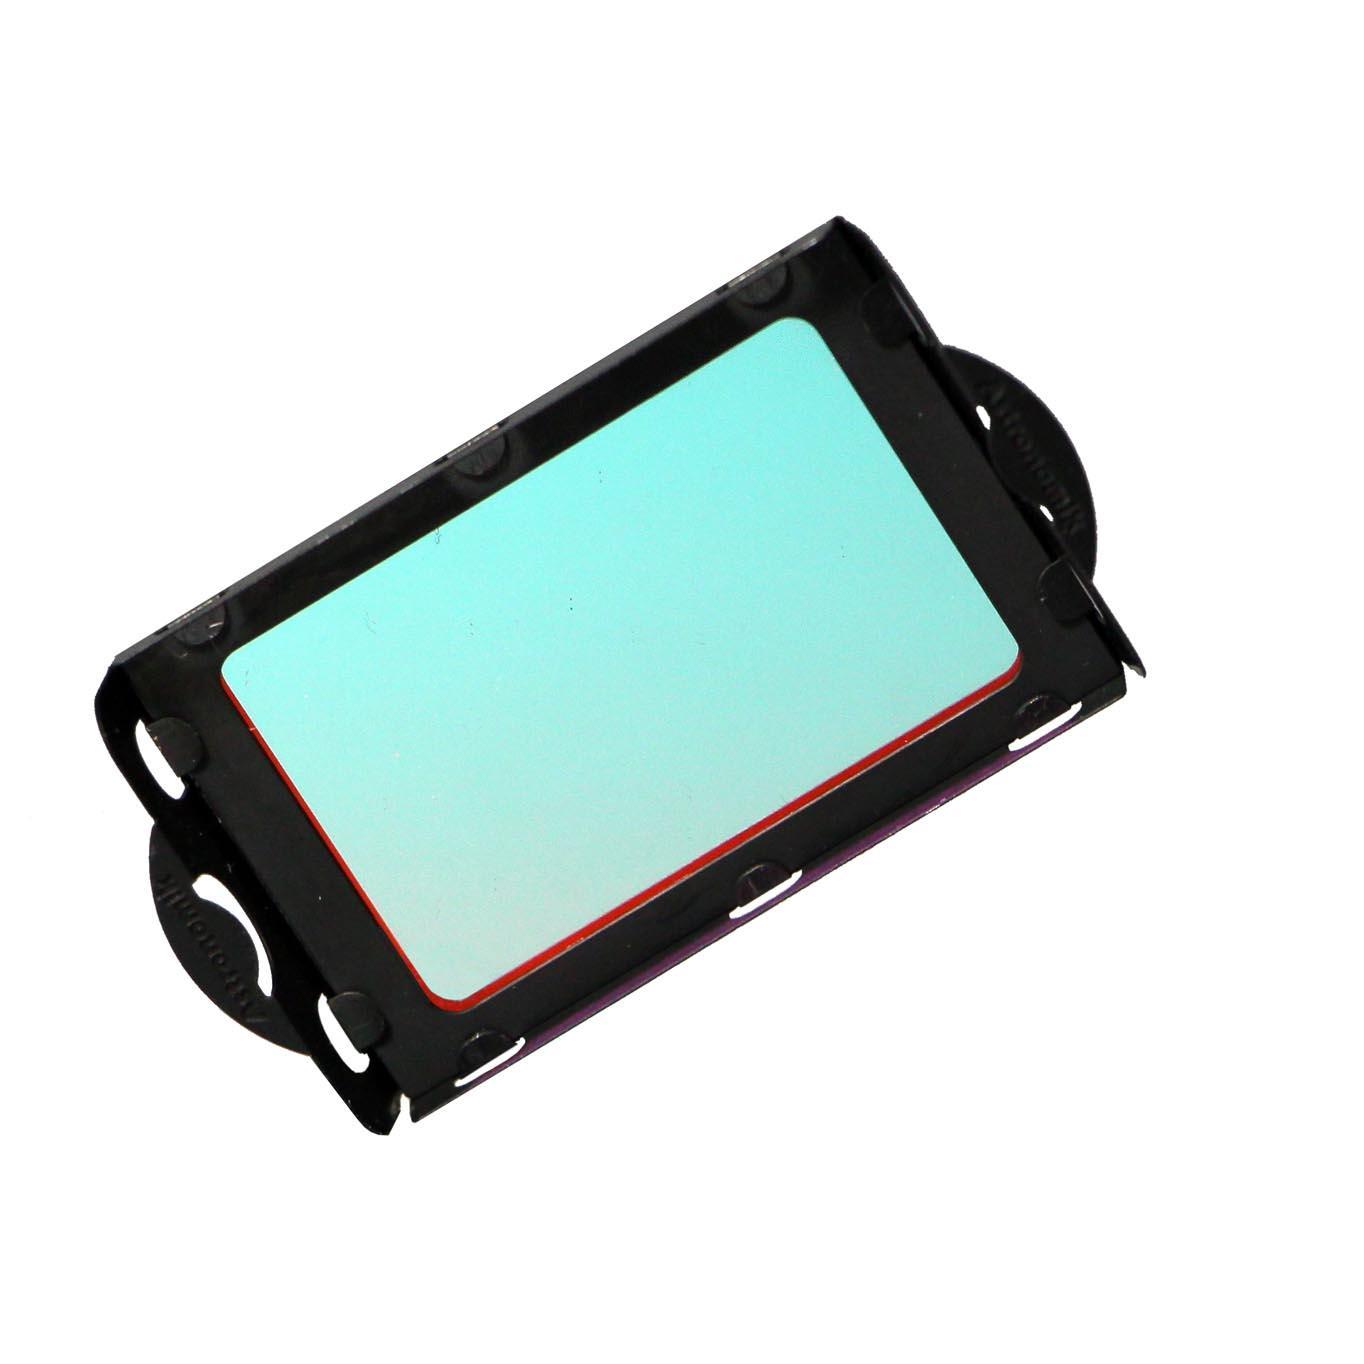 Astronomik Clip Filter per Canon Eos Full size sensor, ProPlanet 807 IR Pass Filter, filtro planetario